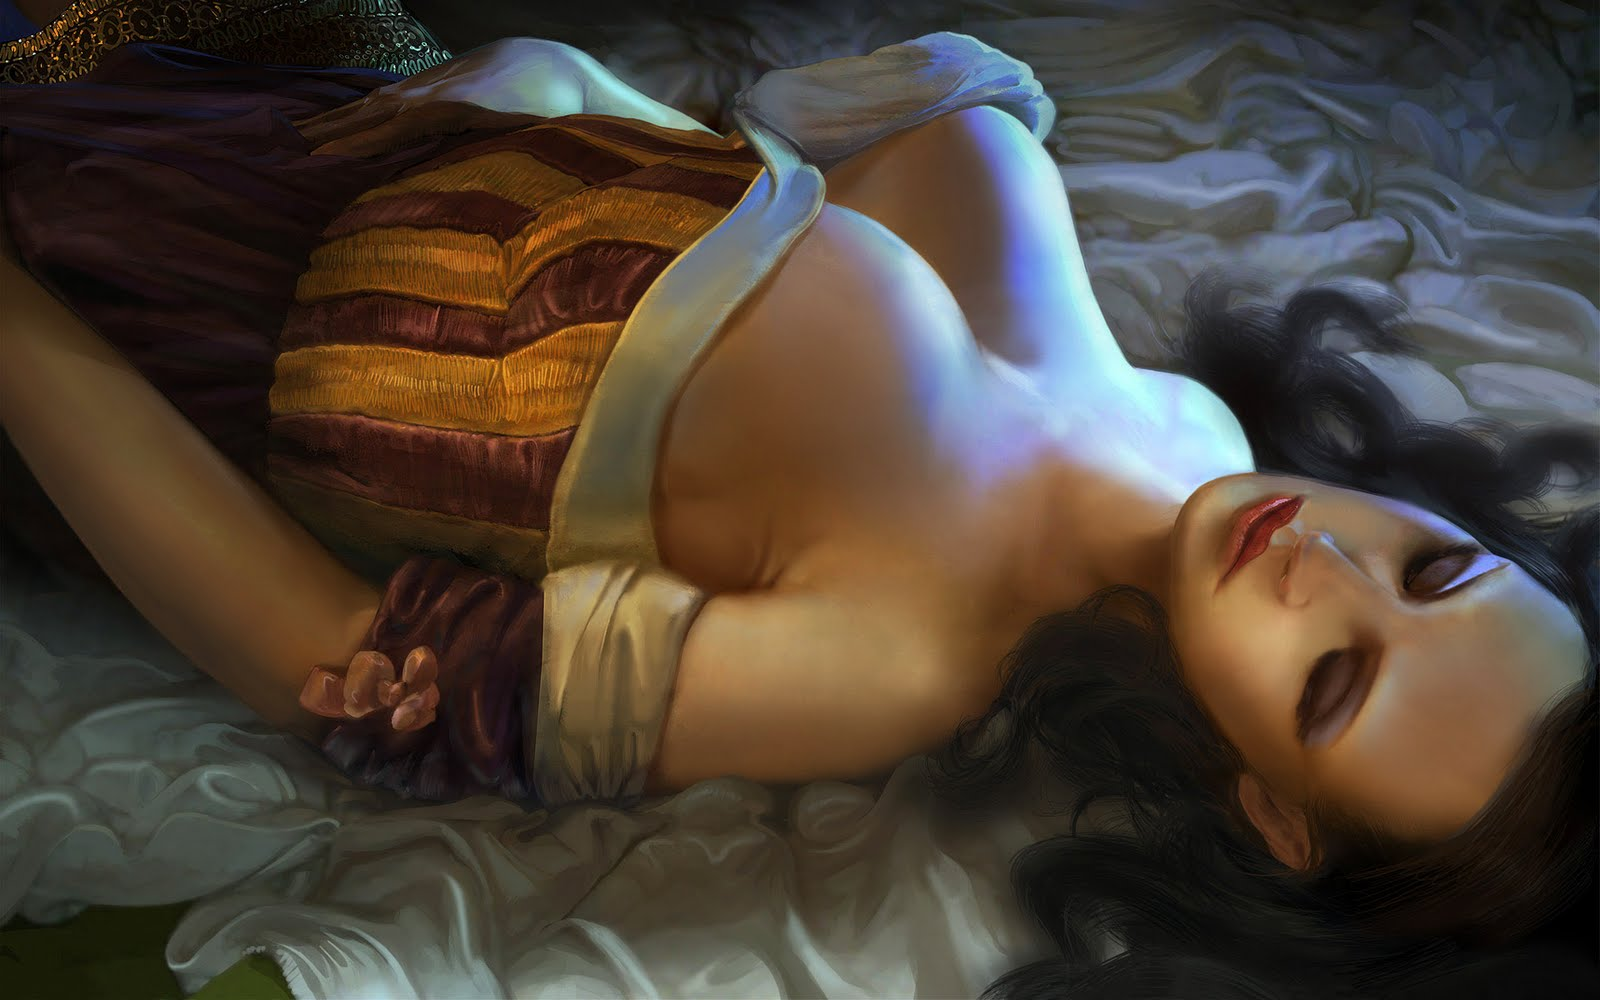 Fantasy babe clips porn video